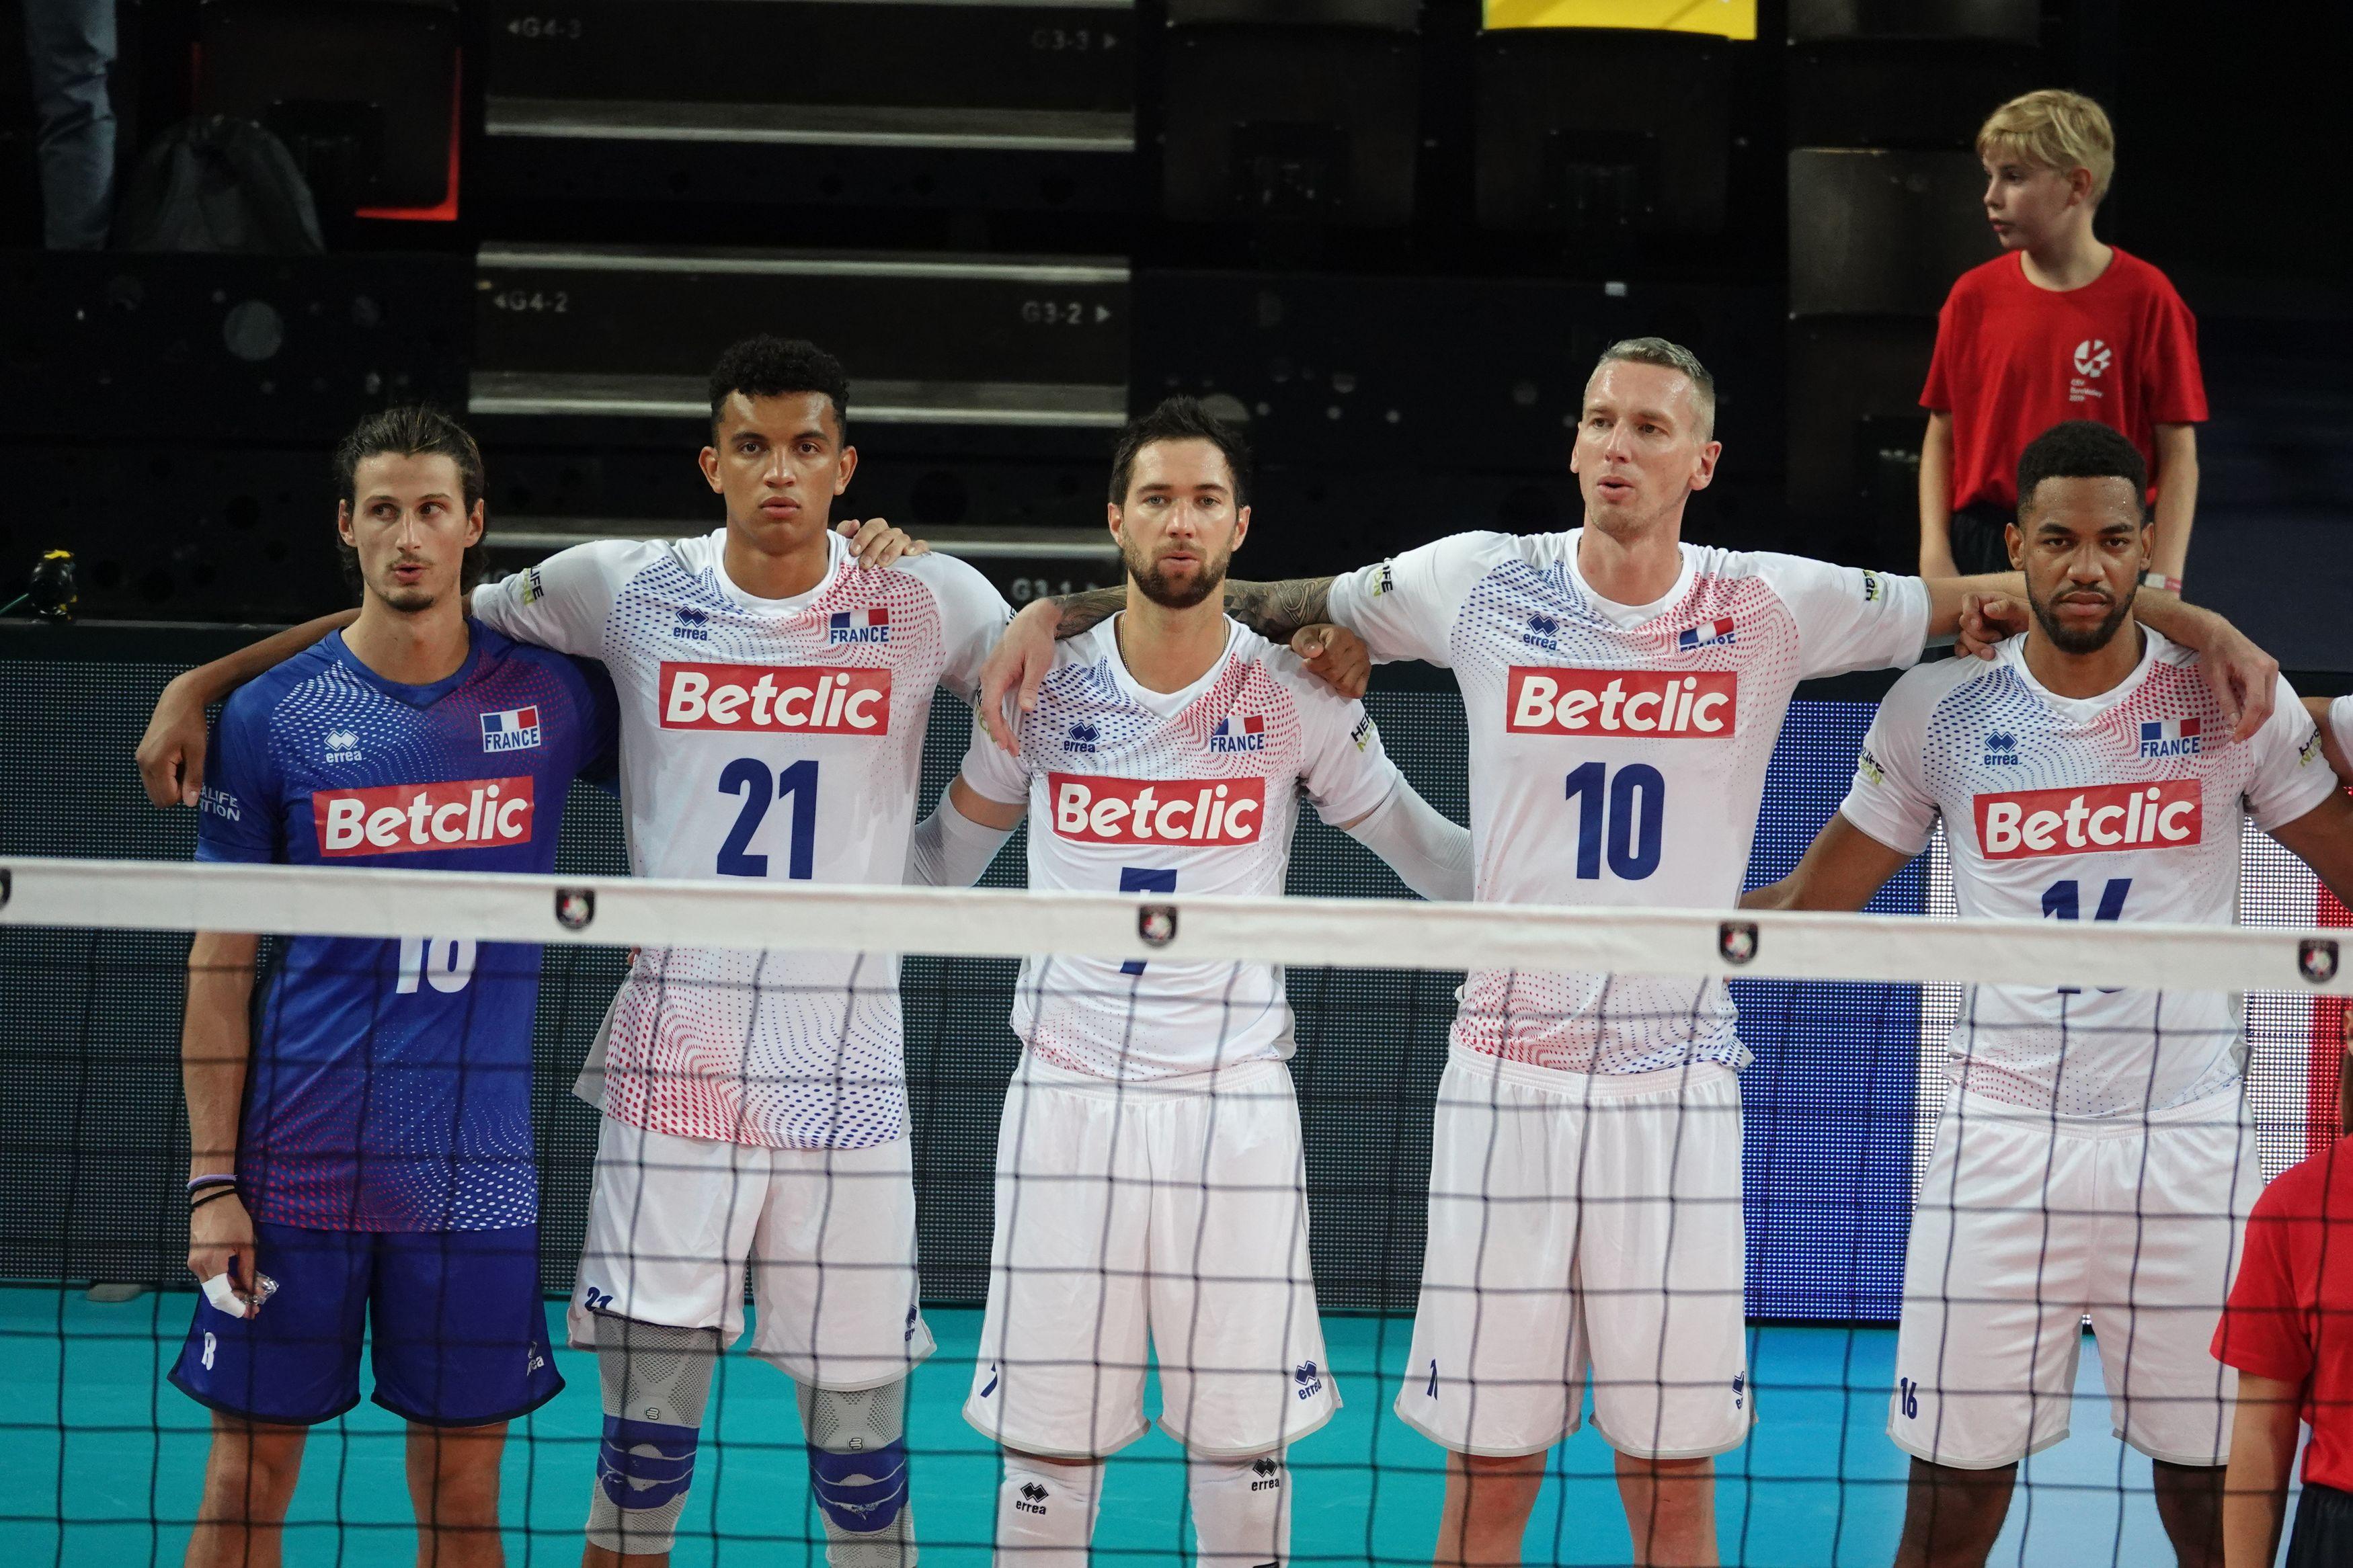 Volley - Equipe de France - Euro 2019 de volley : la symphonie des Bleus